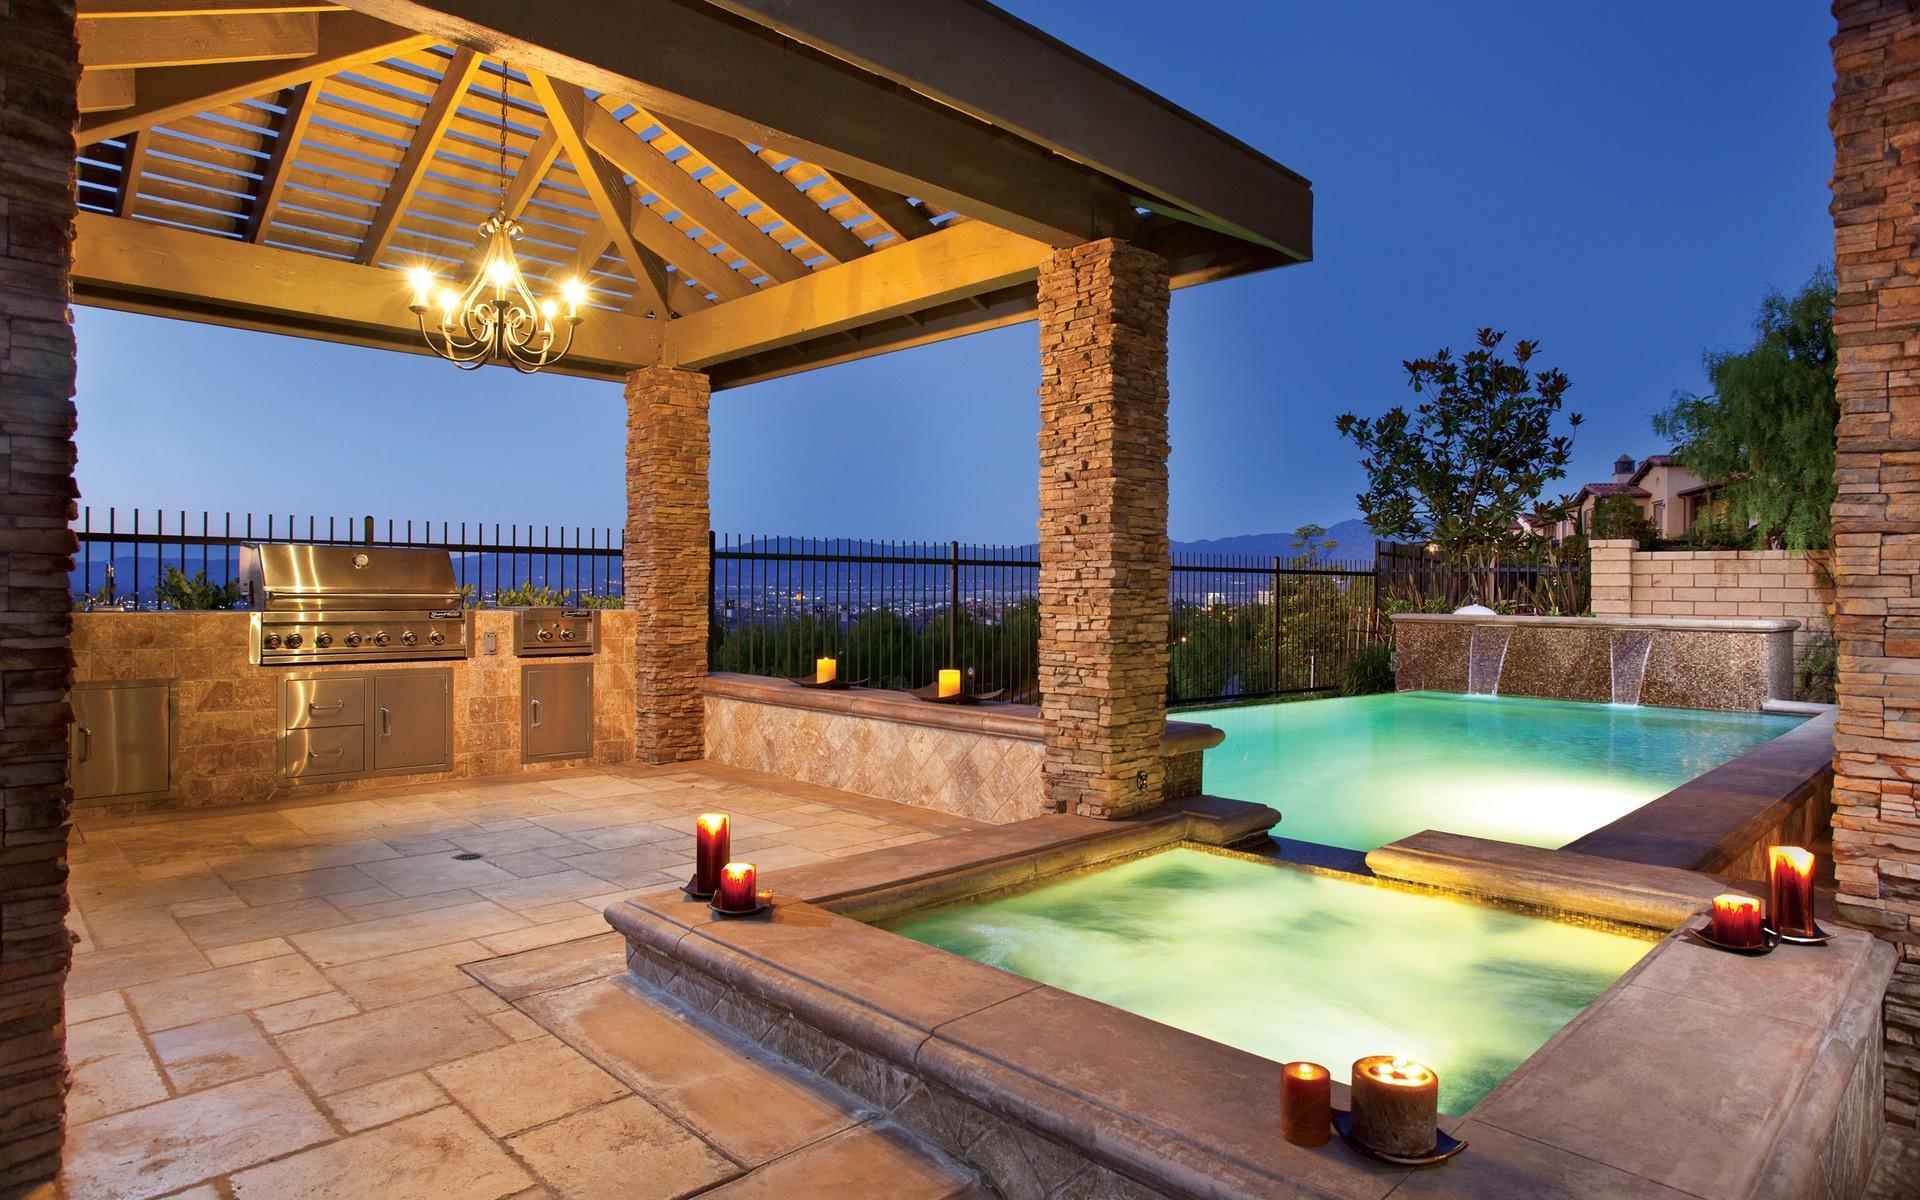 Diseño de una piscina - 1920x1200